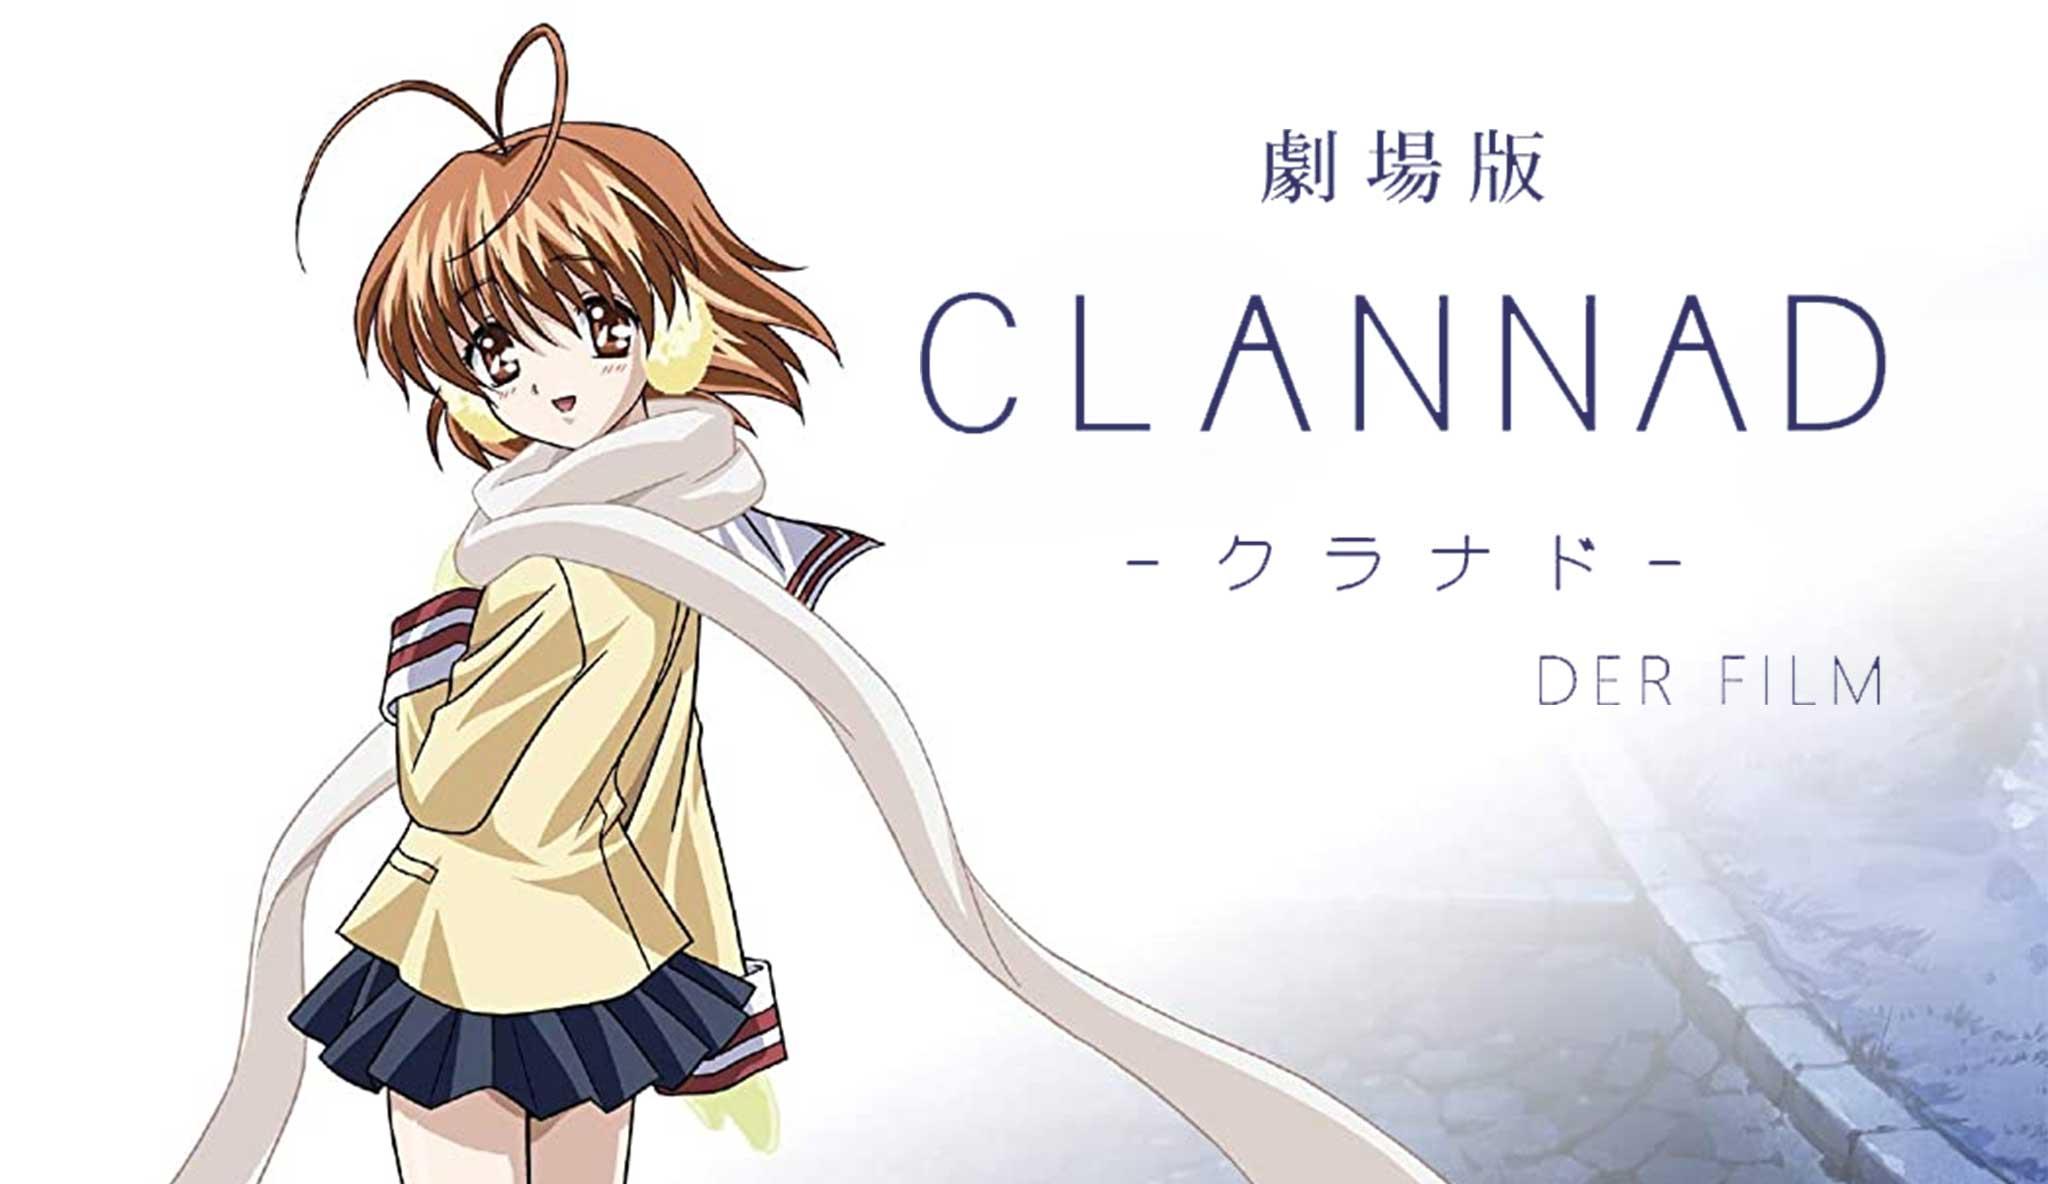 clannad-der-film\header.jpg